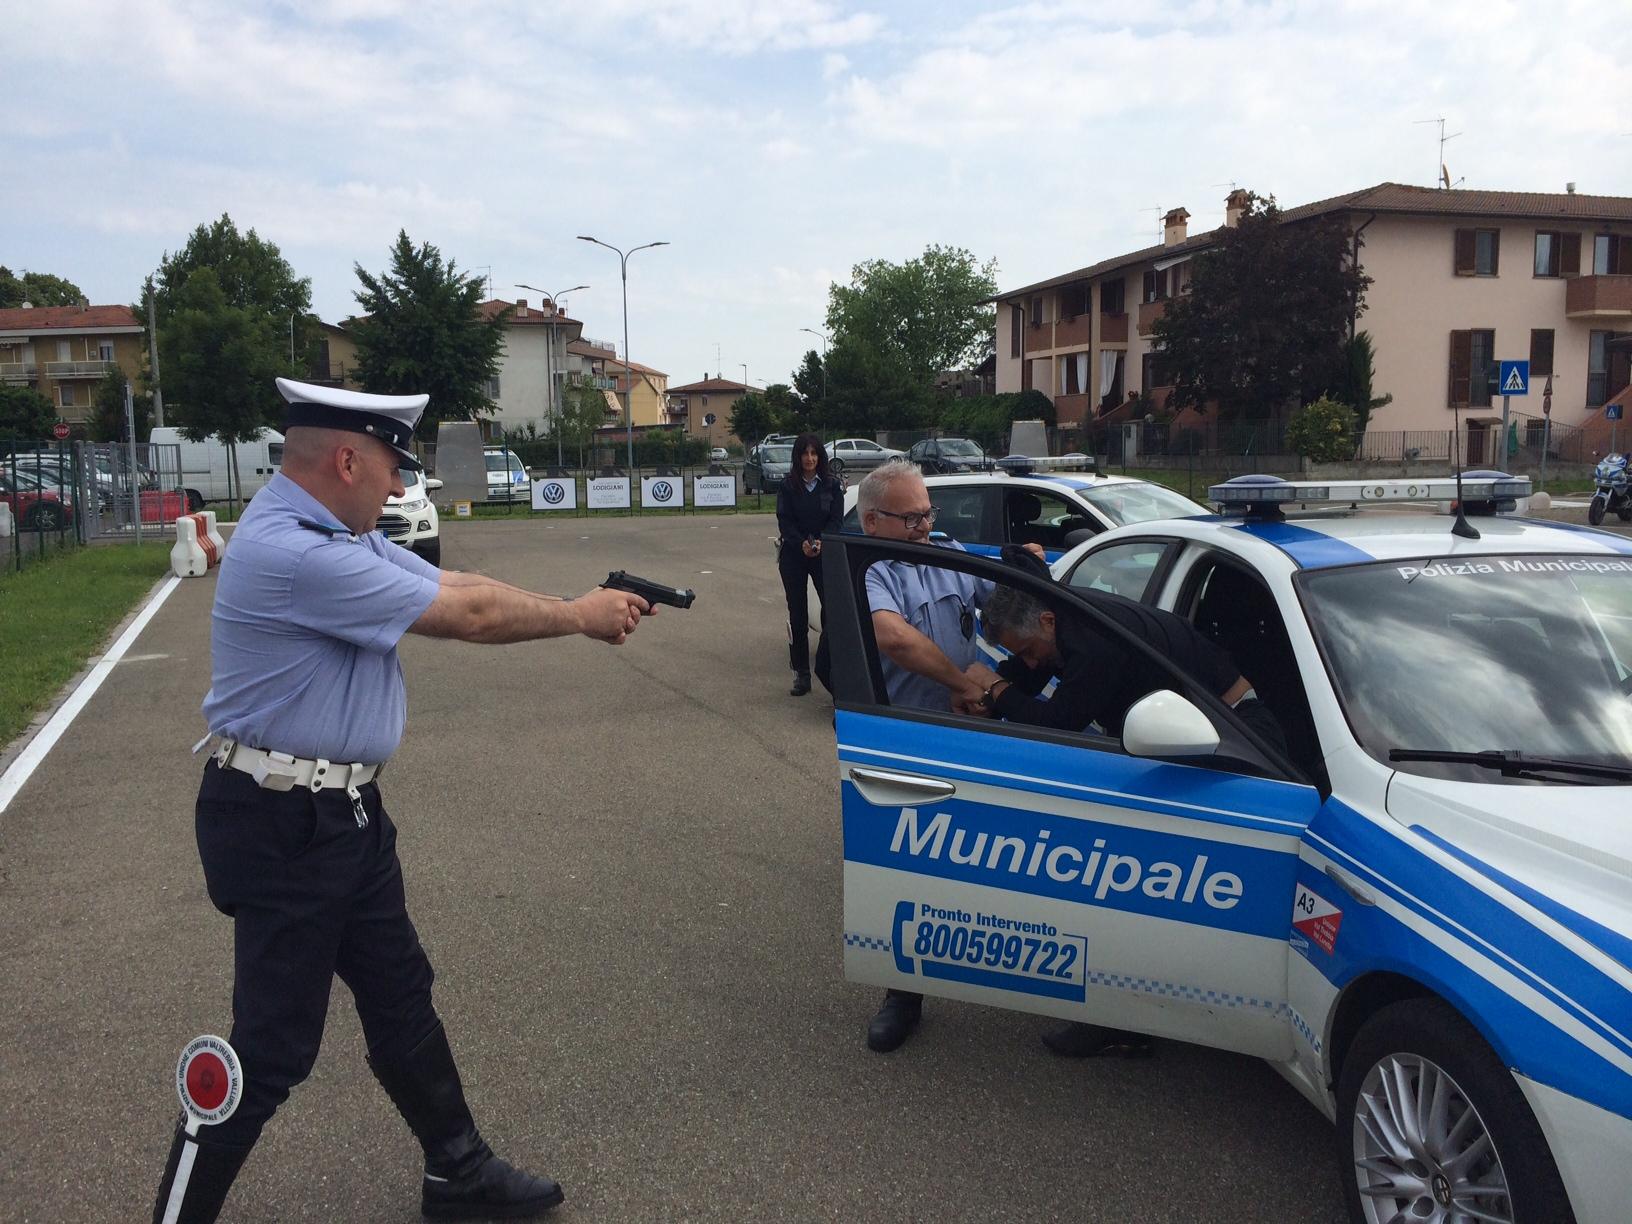 Arresti e perquisizioni: agenti a lezione dalla Gendarmerie francese